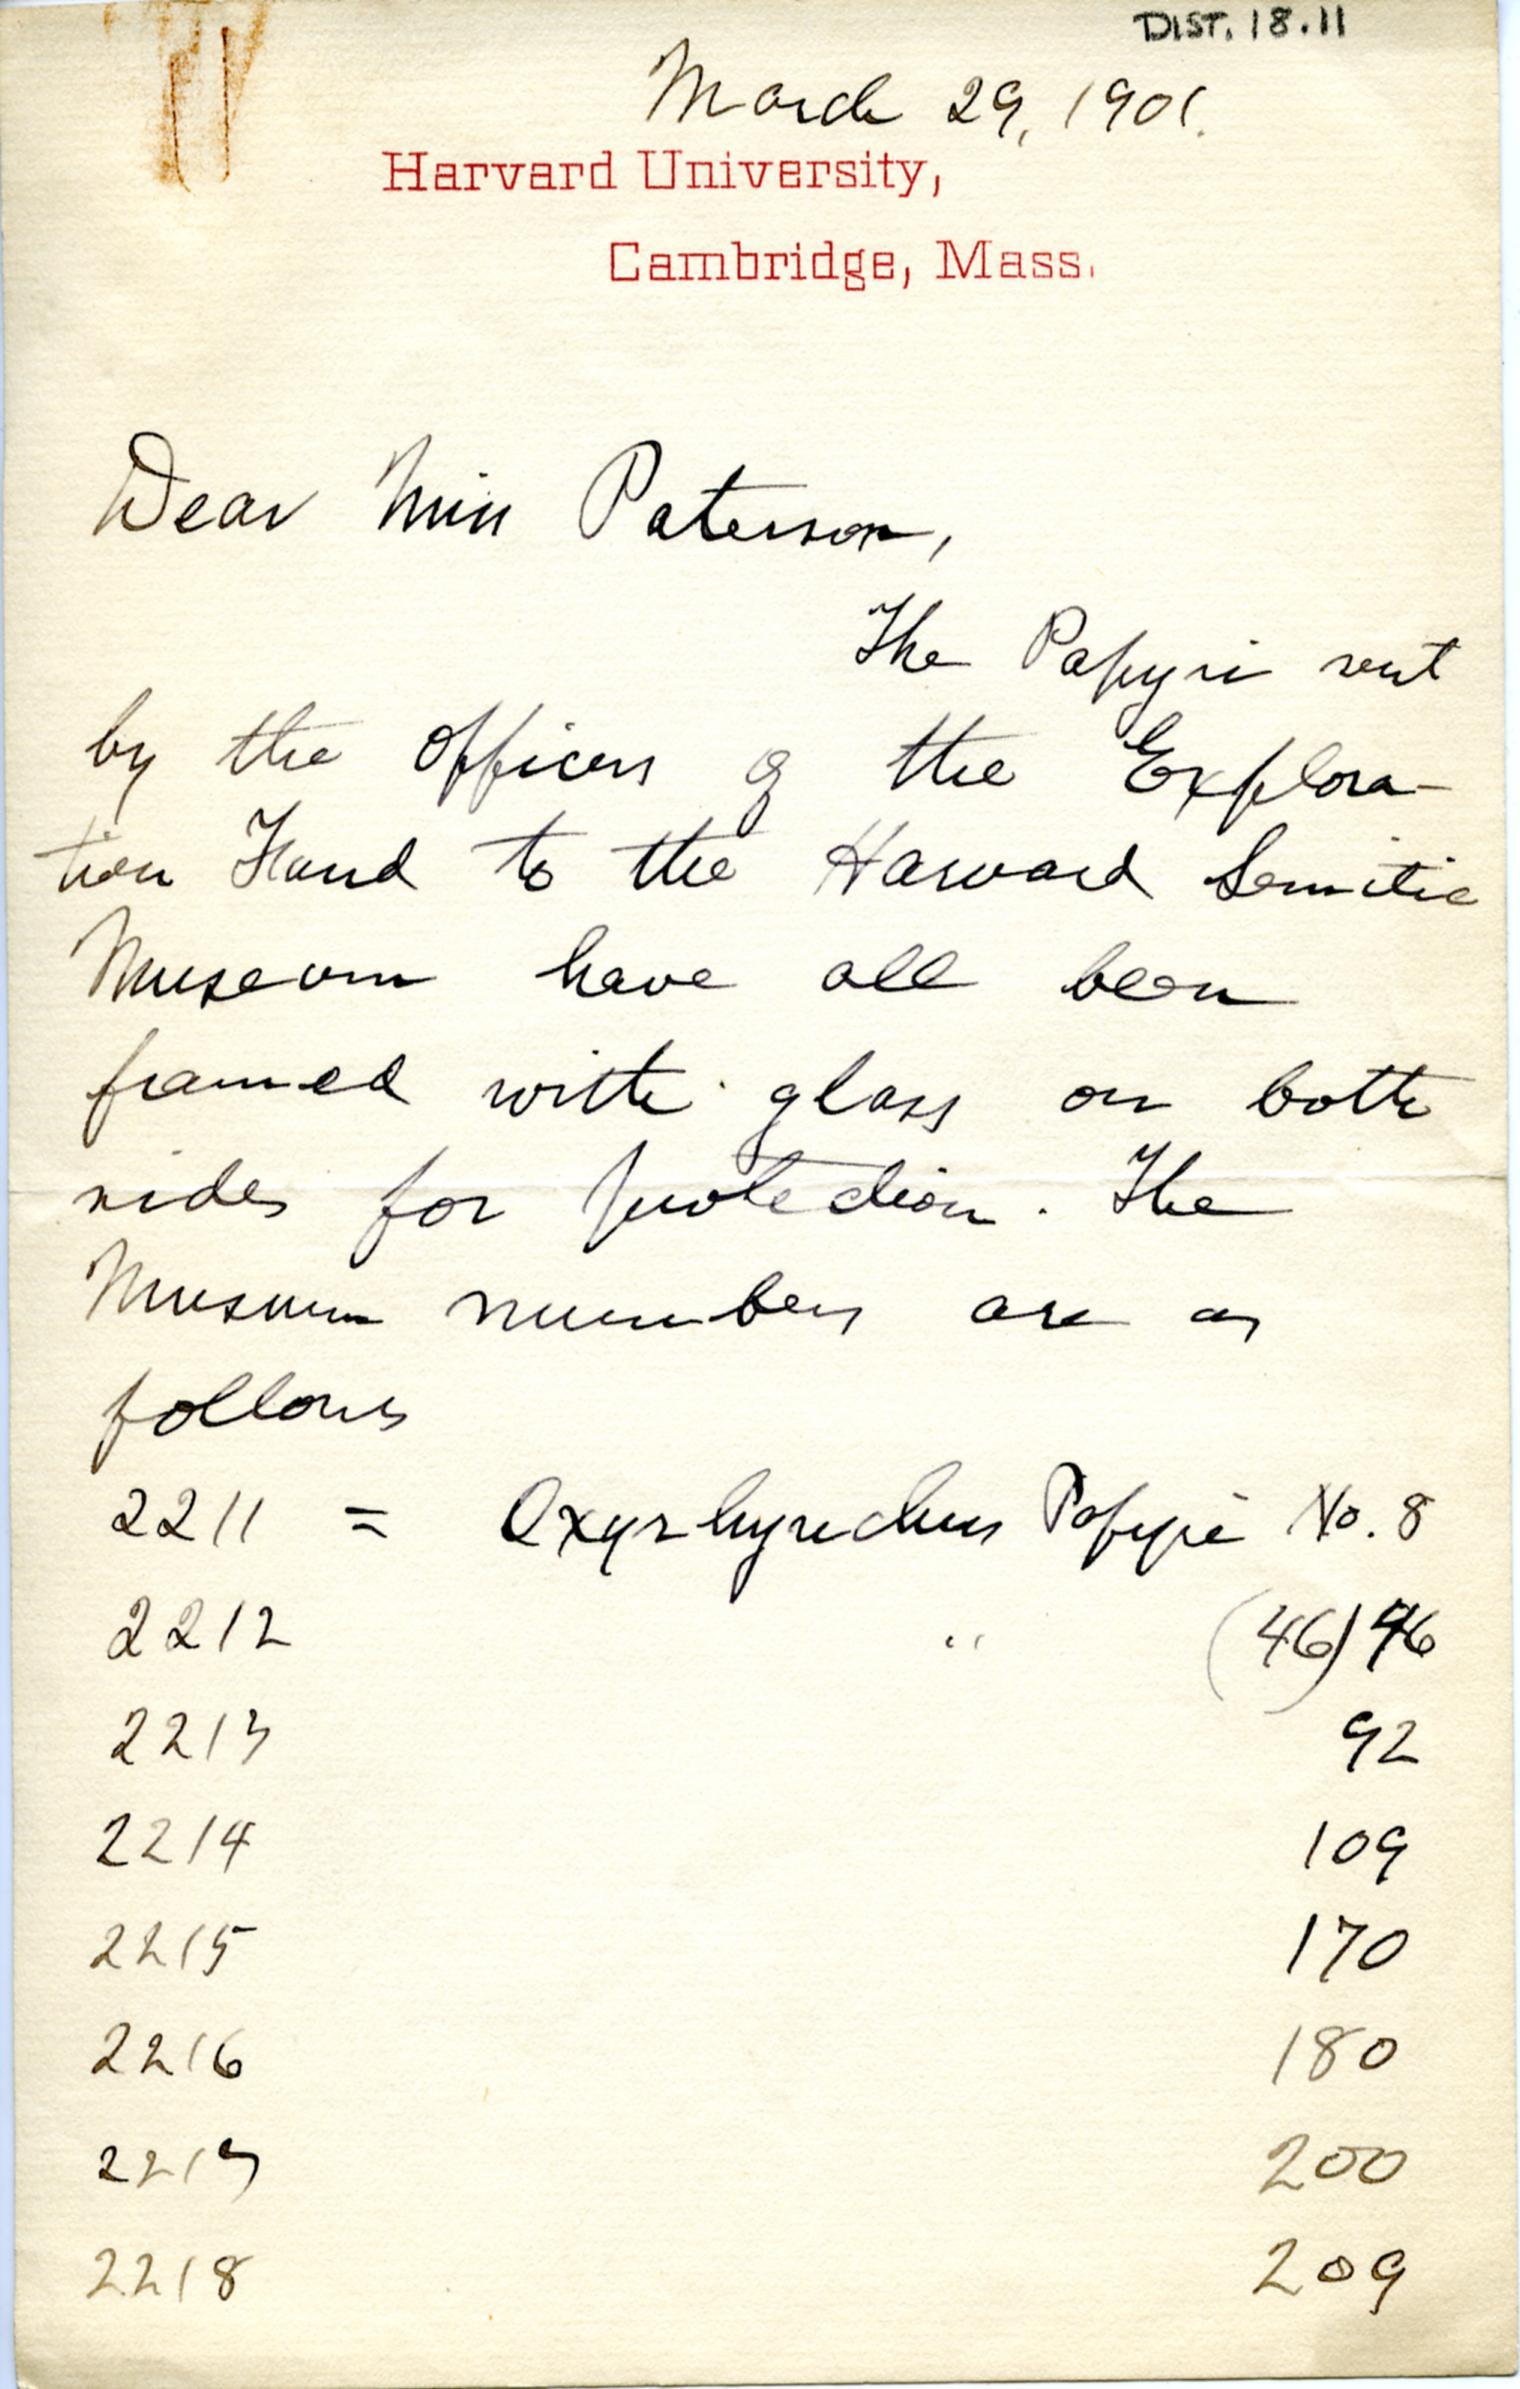 1895-1903 Oxyrhynchus, Faiyum DIST.18.11a